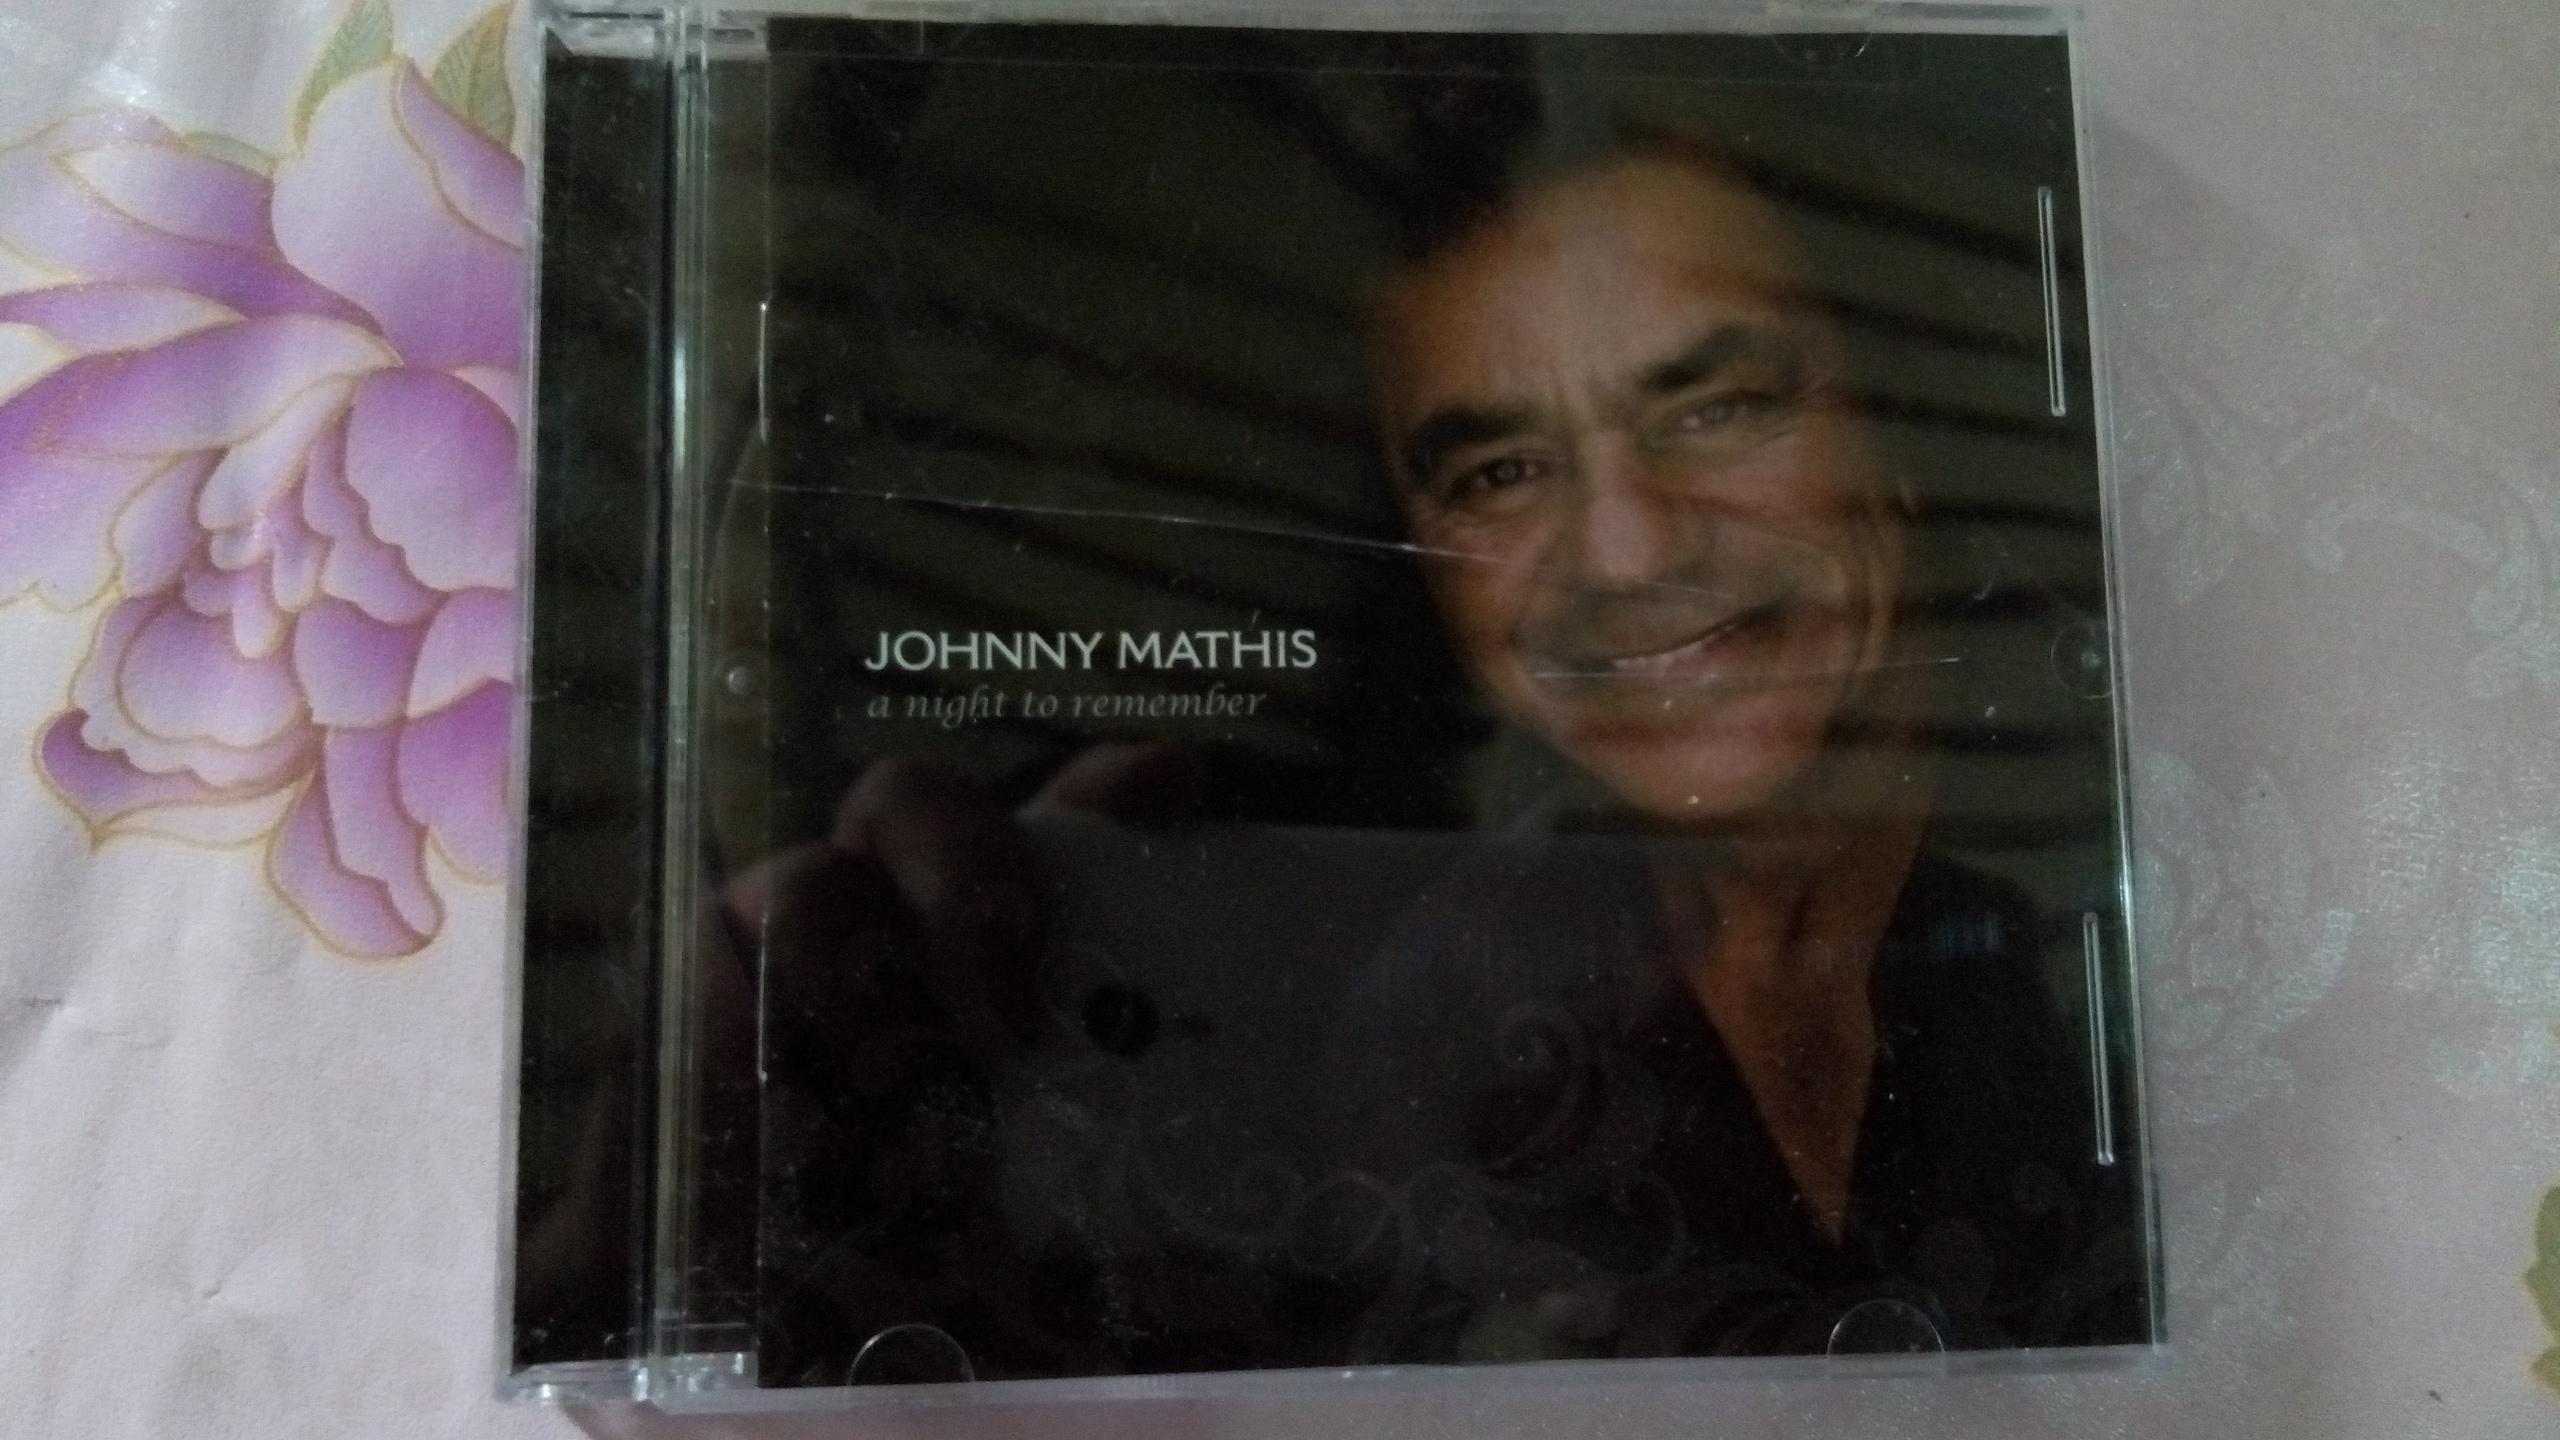 Сорвать печать A Night To Remember Johnny Mathis примерно кисть нигерия лошадь стебель этот